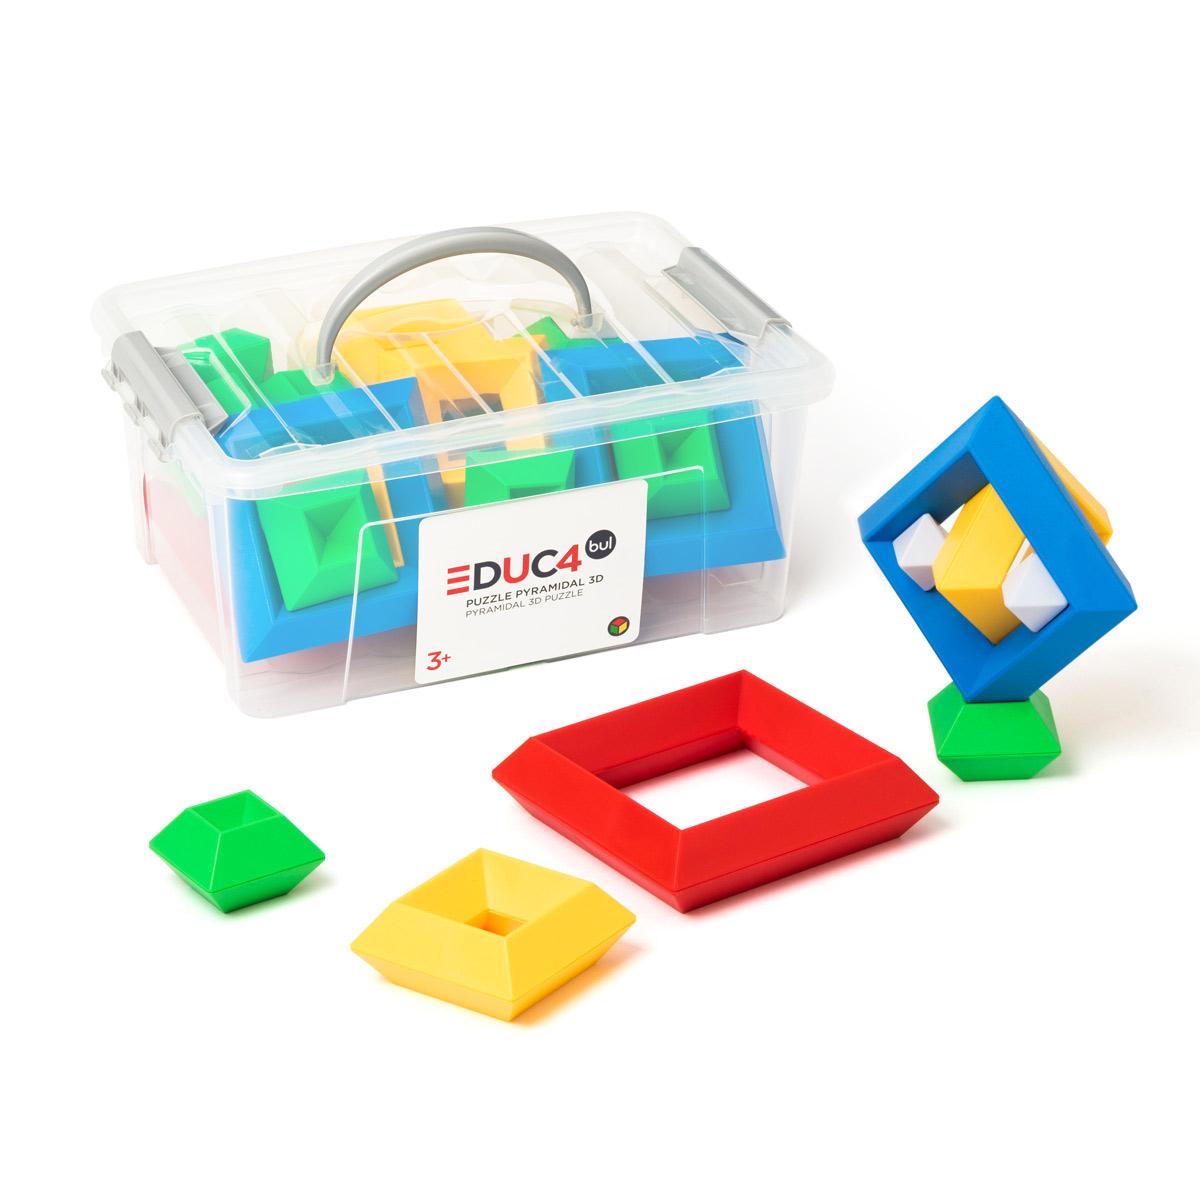 Puzzle Pyramidal 3D à Puzzle Gratuit Pour Fille De 3 Ans